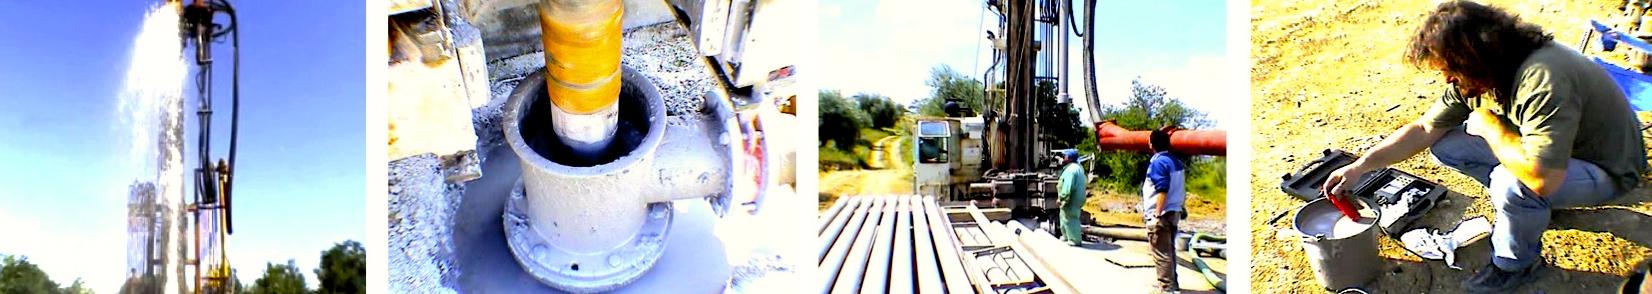 Striscia cantiere - ricerche idriche termali